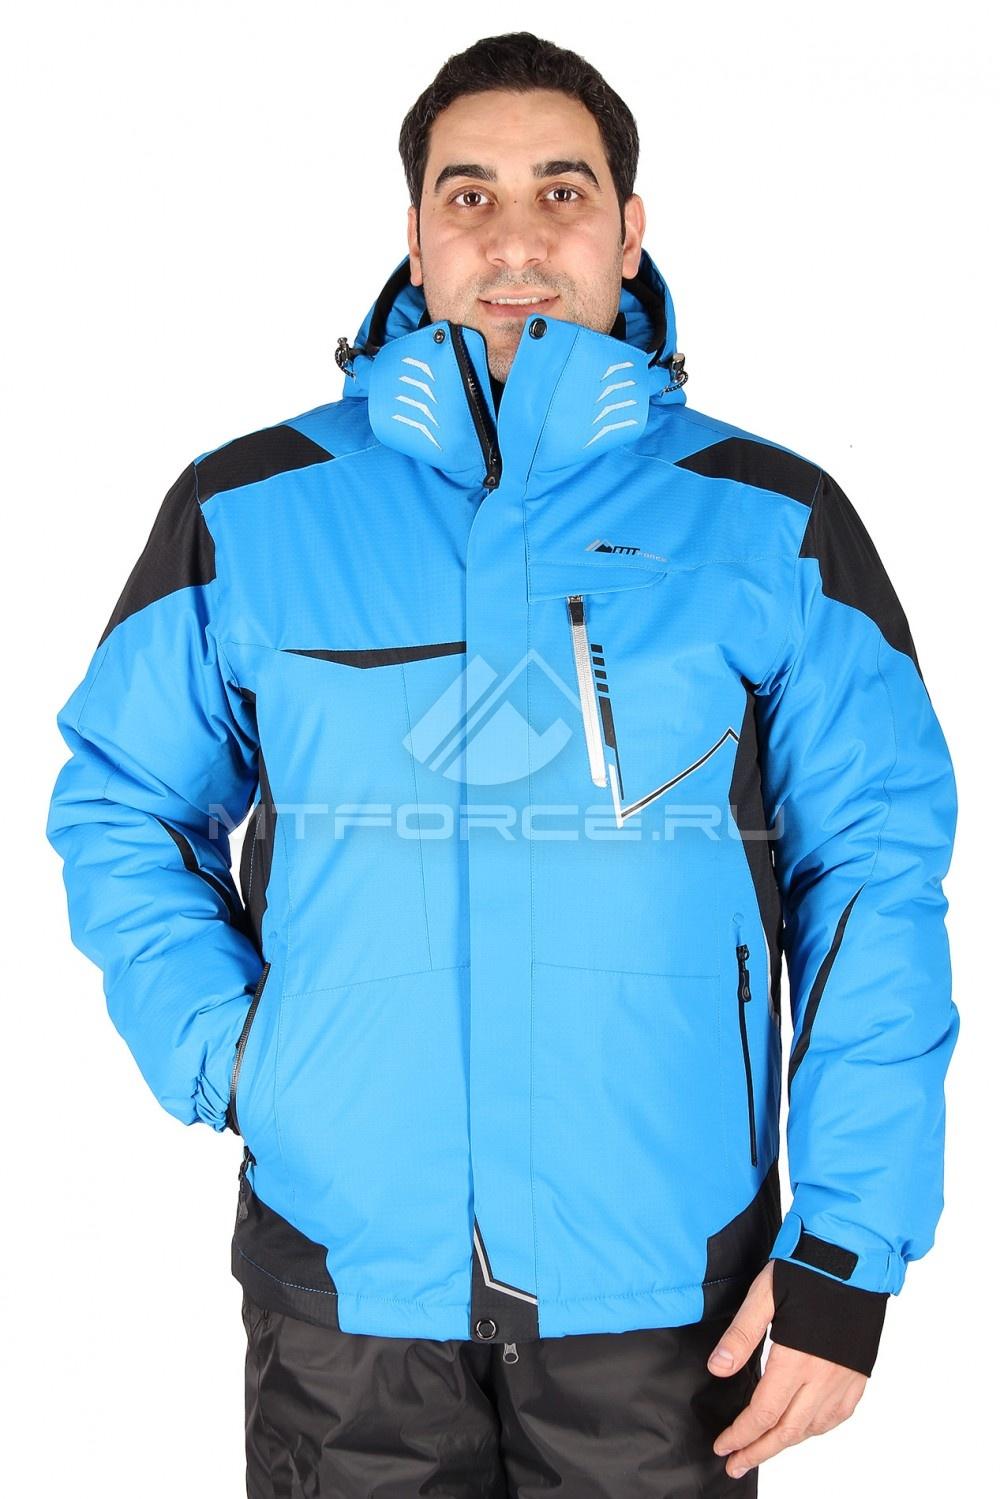 Купить                                  оптом Куртка горнолыжная мужская голубого цвета 1553Gl